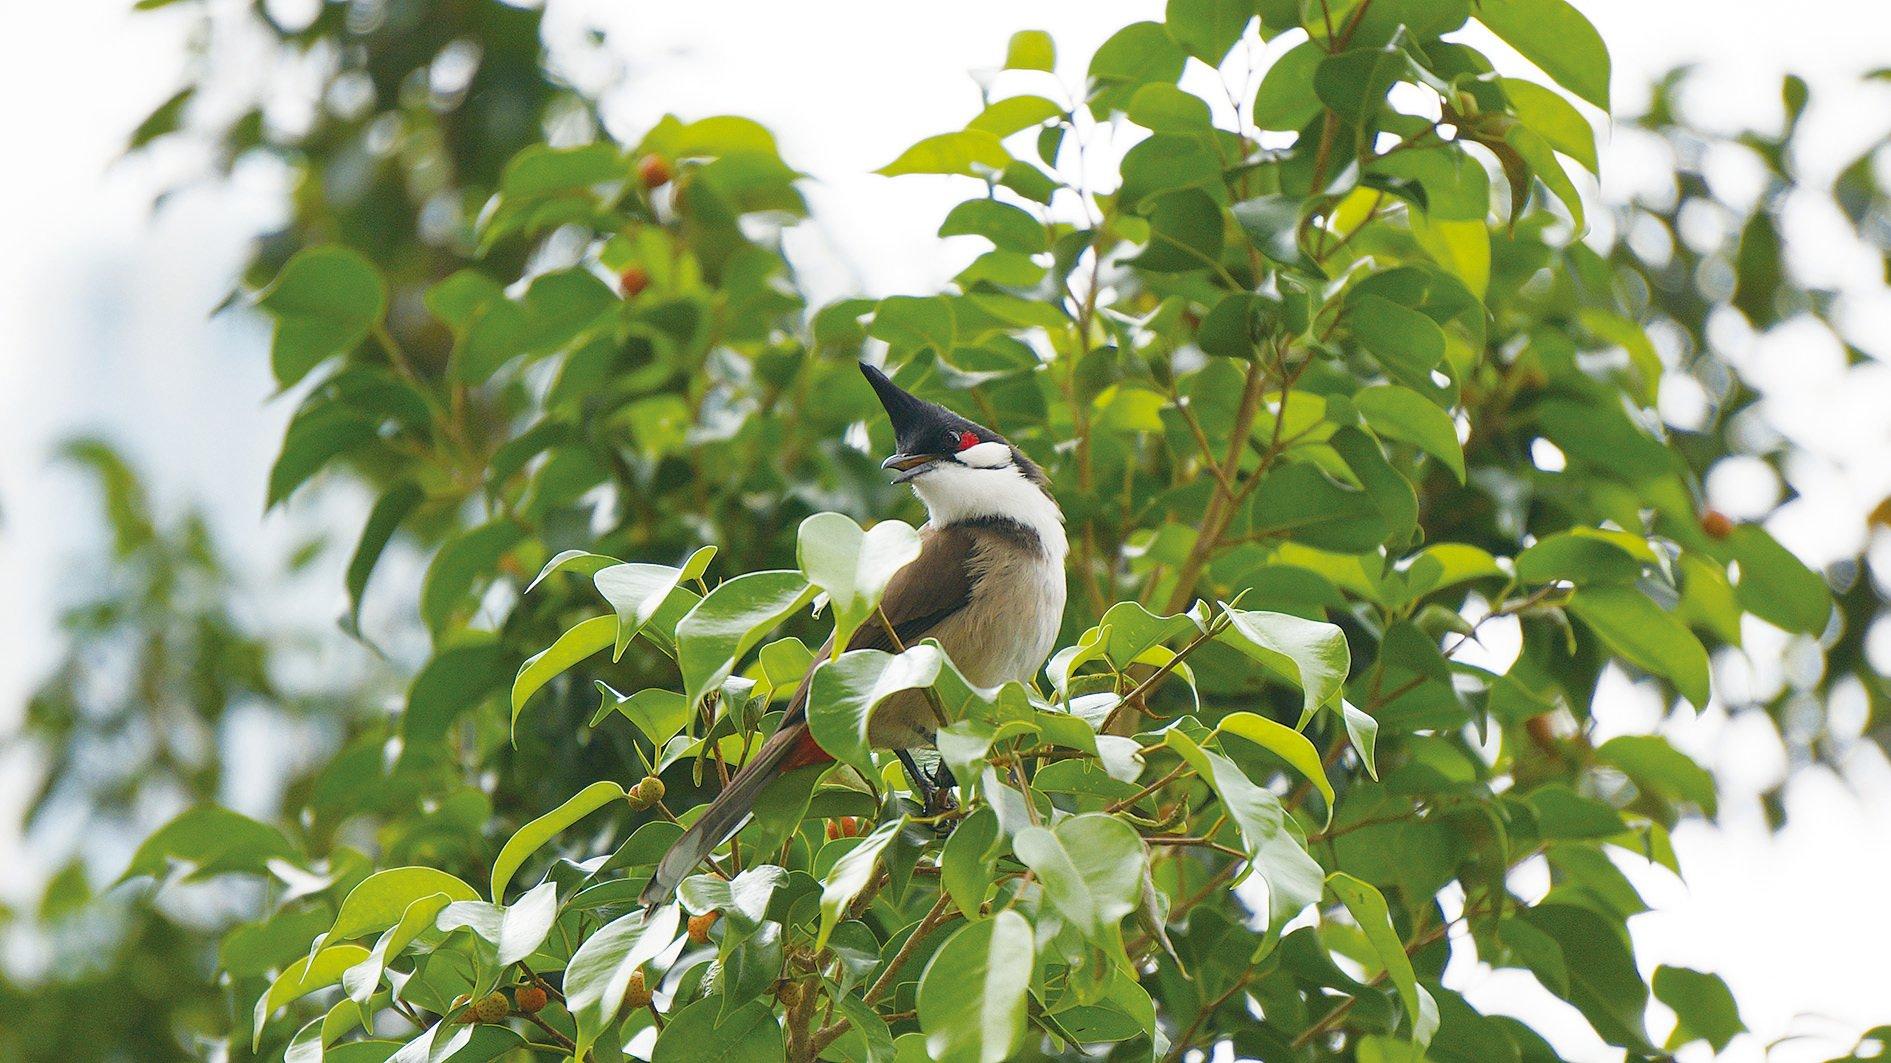 紅耳鵯因頭上有冠也被稱為GEL頭雀。牠們的性格活潑,不怕人,在香港隨處可見。(泰然提供)